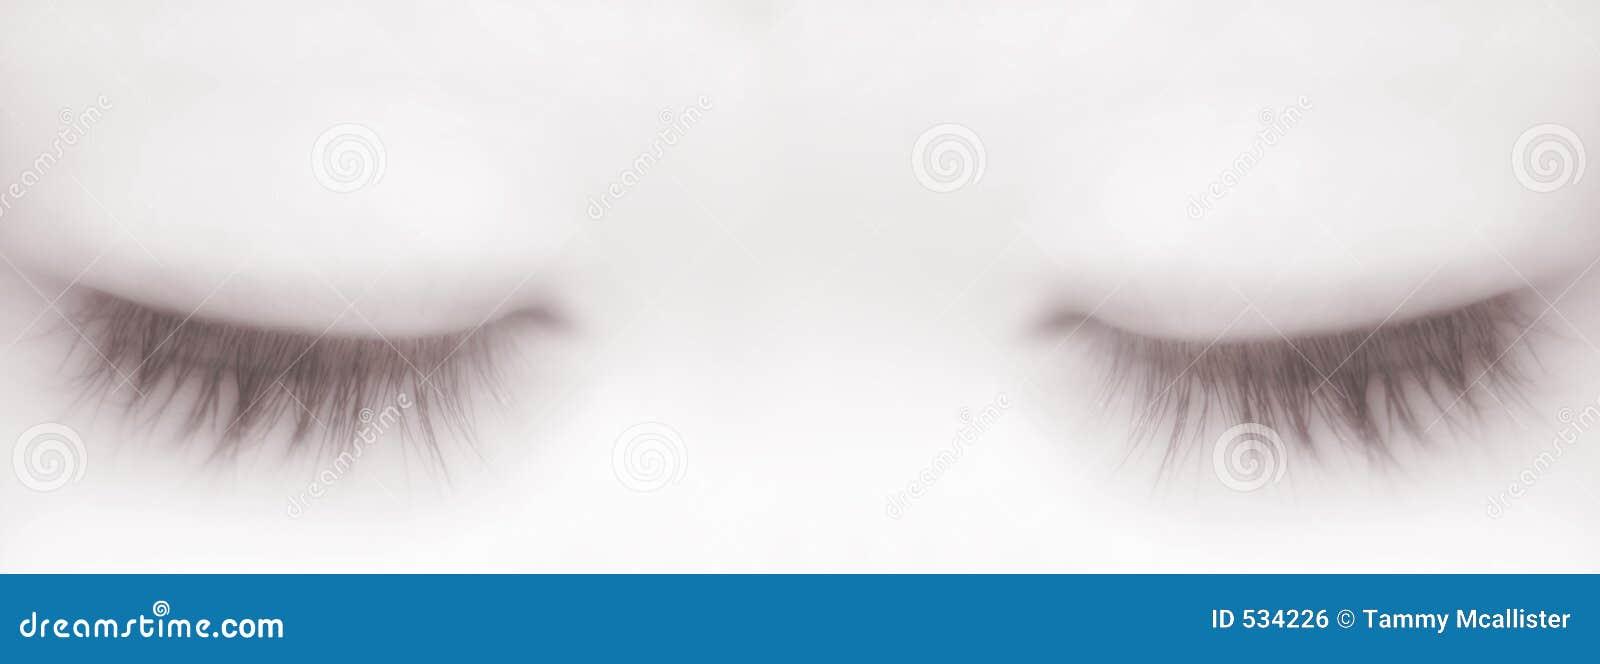 Download 眼睛休眠 库存照片. 图片 包括有 心情, 眼皮, 无罪, 关键字, 柔和, 宏指令, 平安, 人力, 眼眉 - 534226